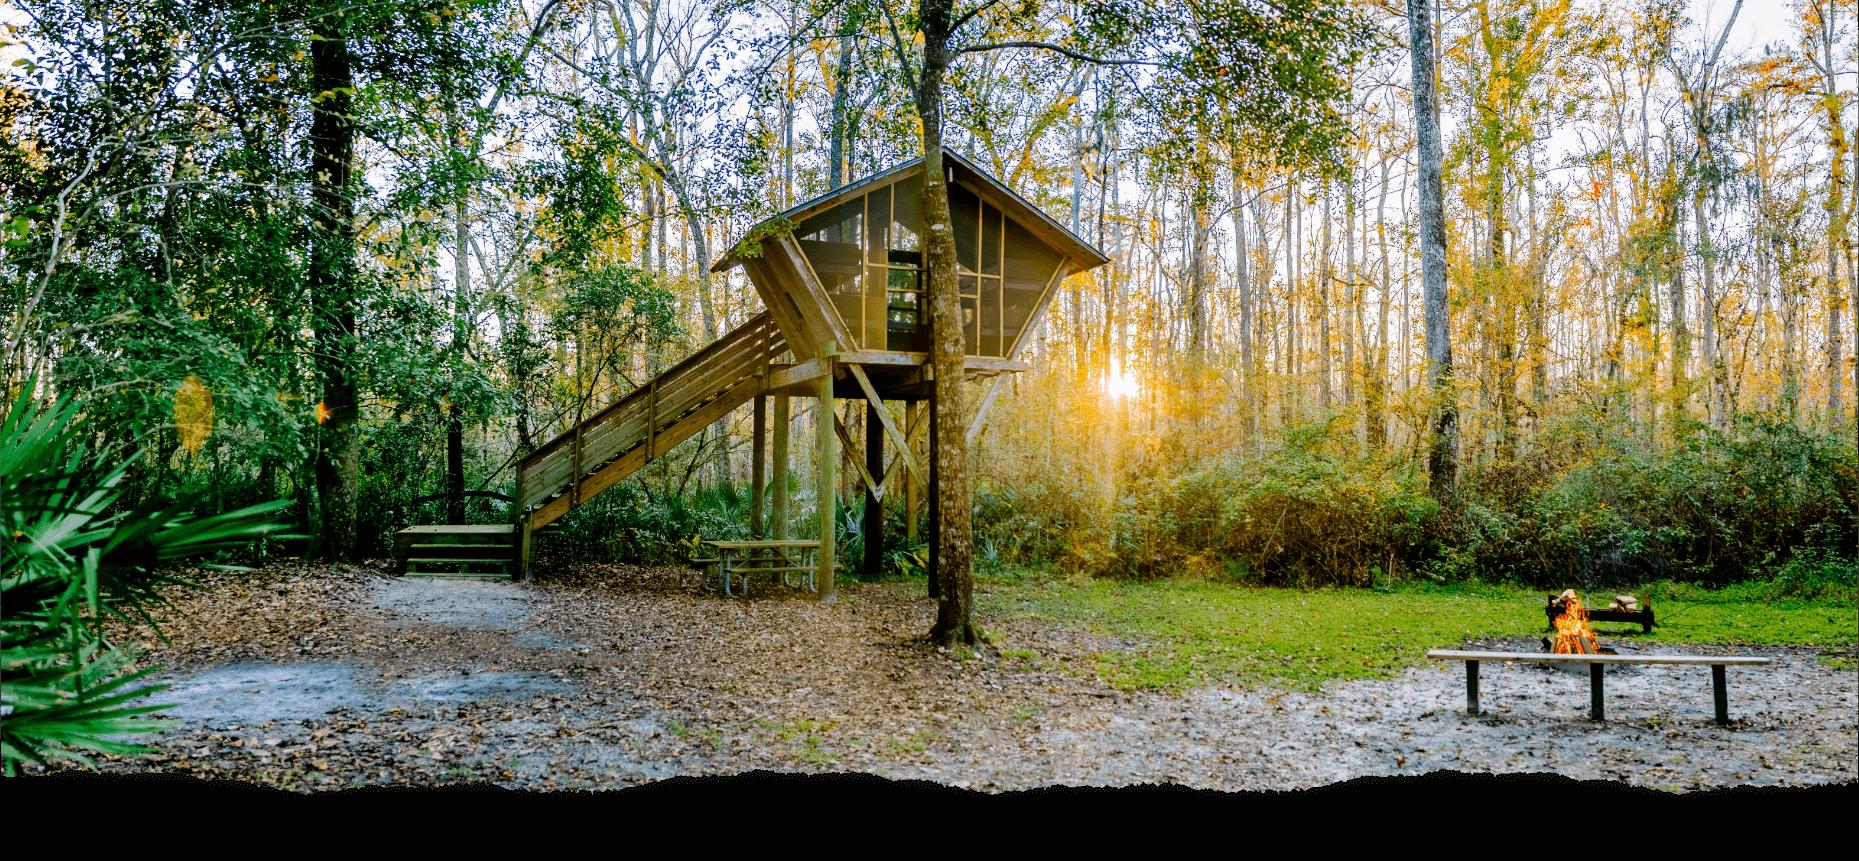 Sunset Wood House